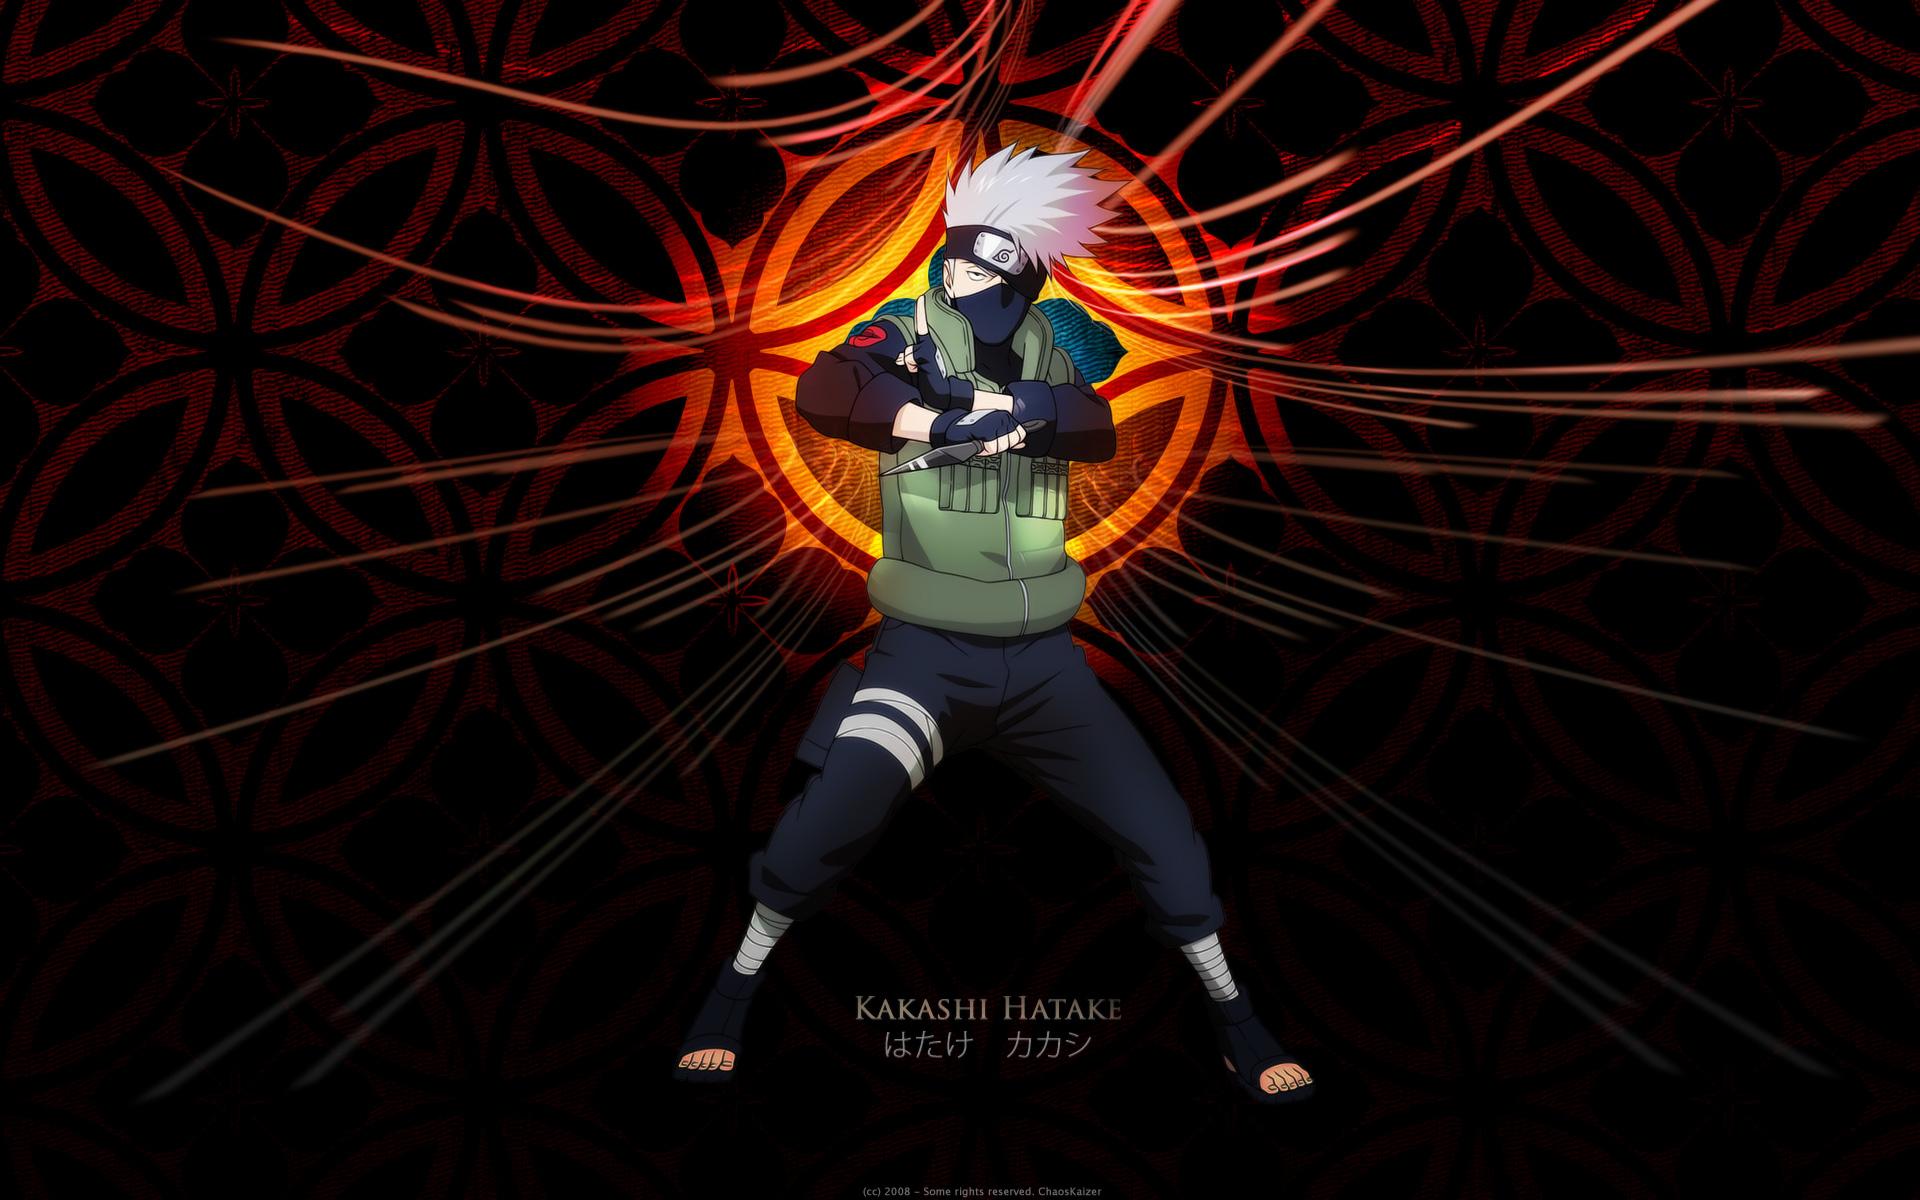 はたけカカシ Naruto ナルト ナルト 疾風伝 壁紙 ファンポップ